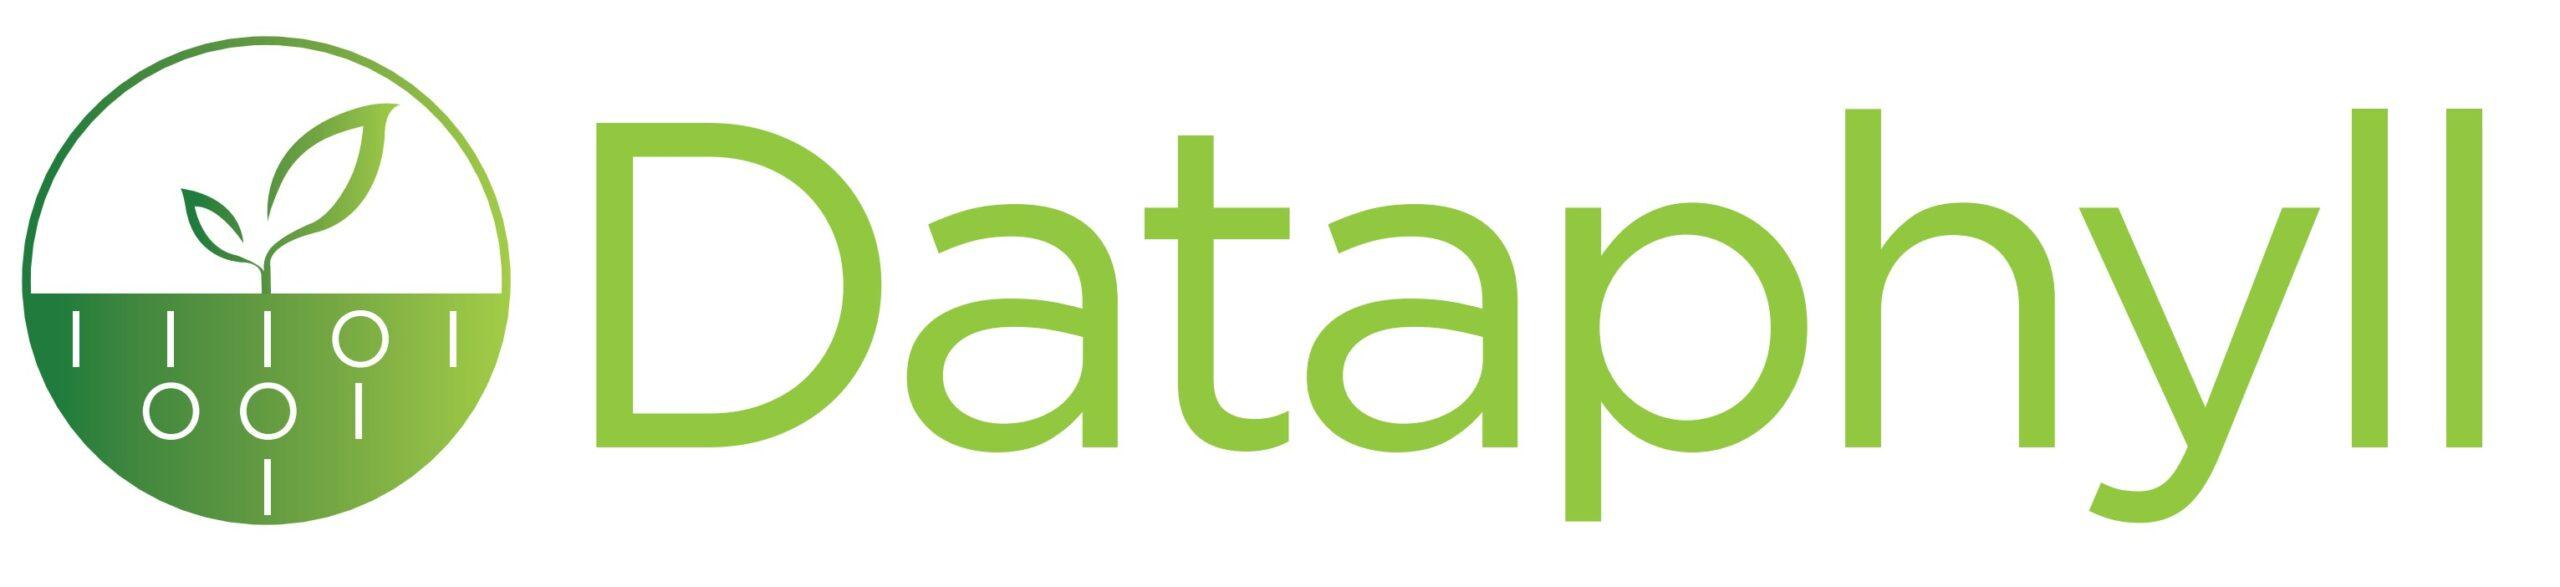 dataphyll_logo_wide-06-67-Kistler-Christoph